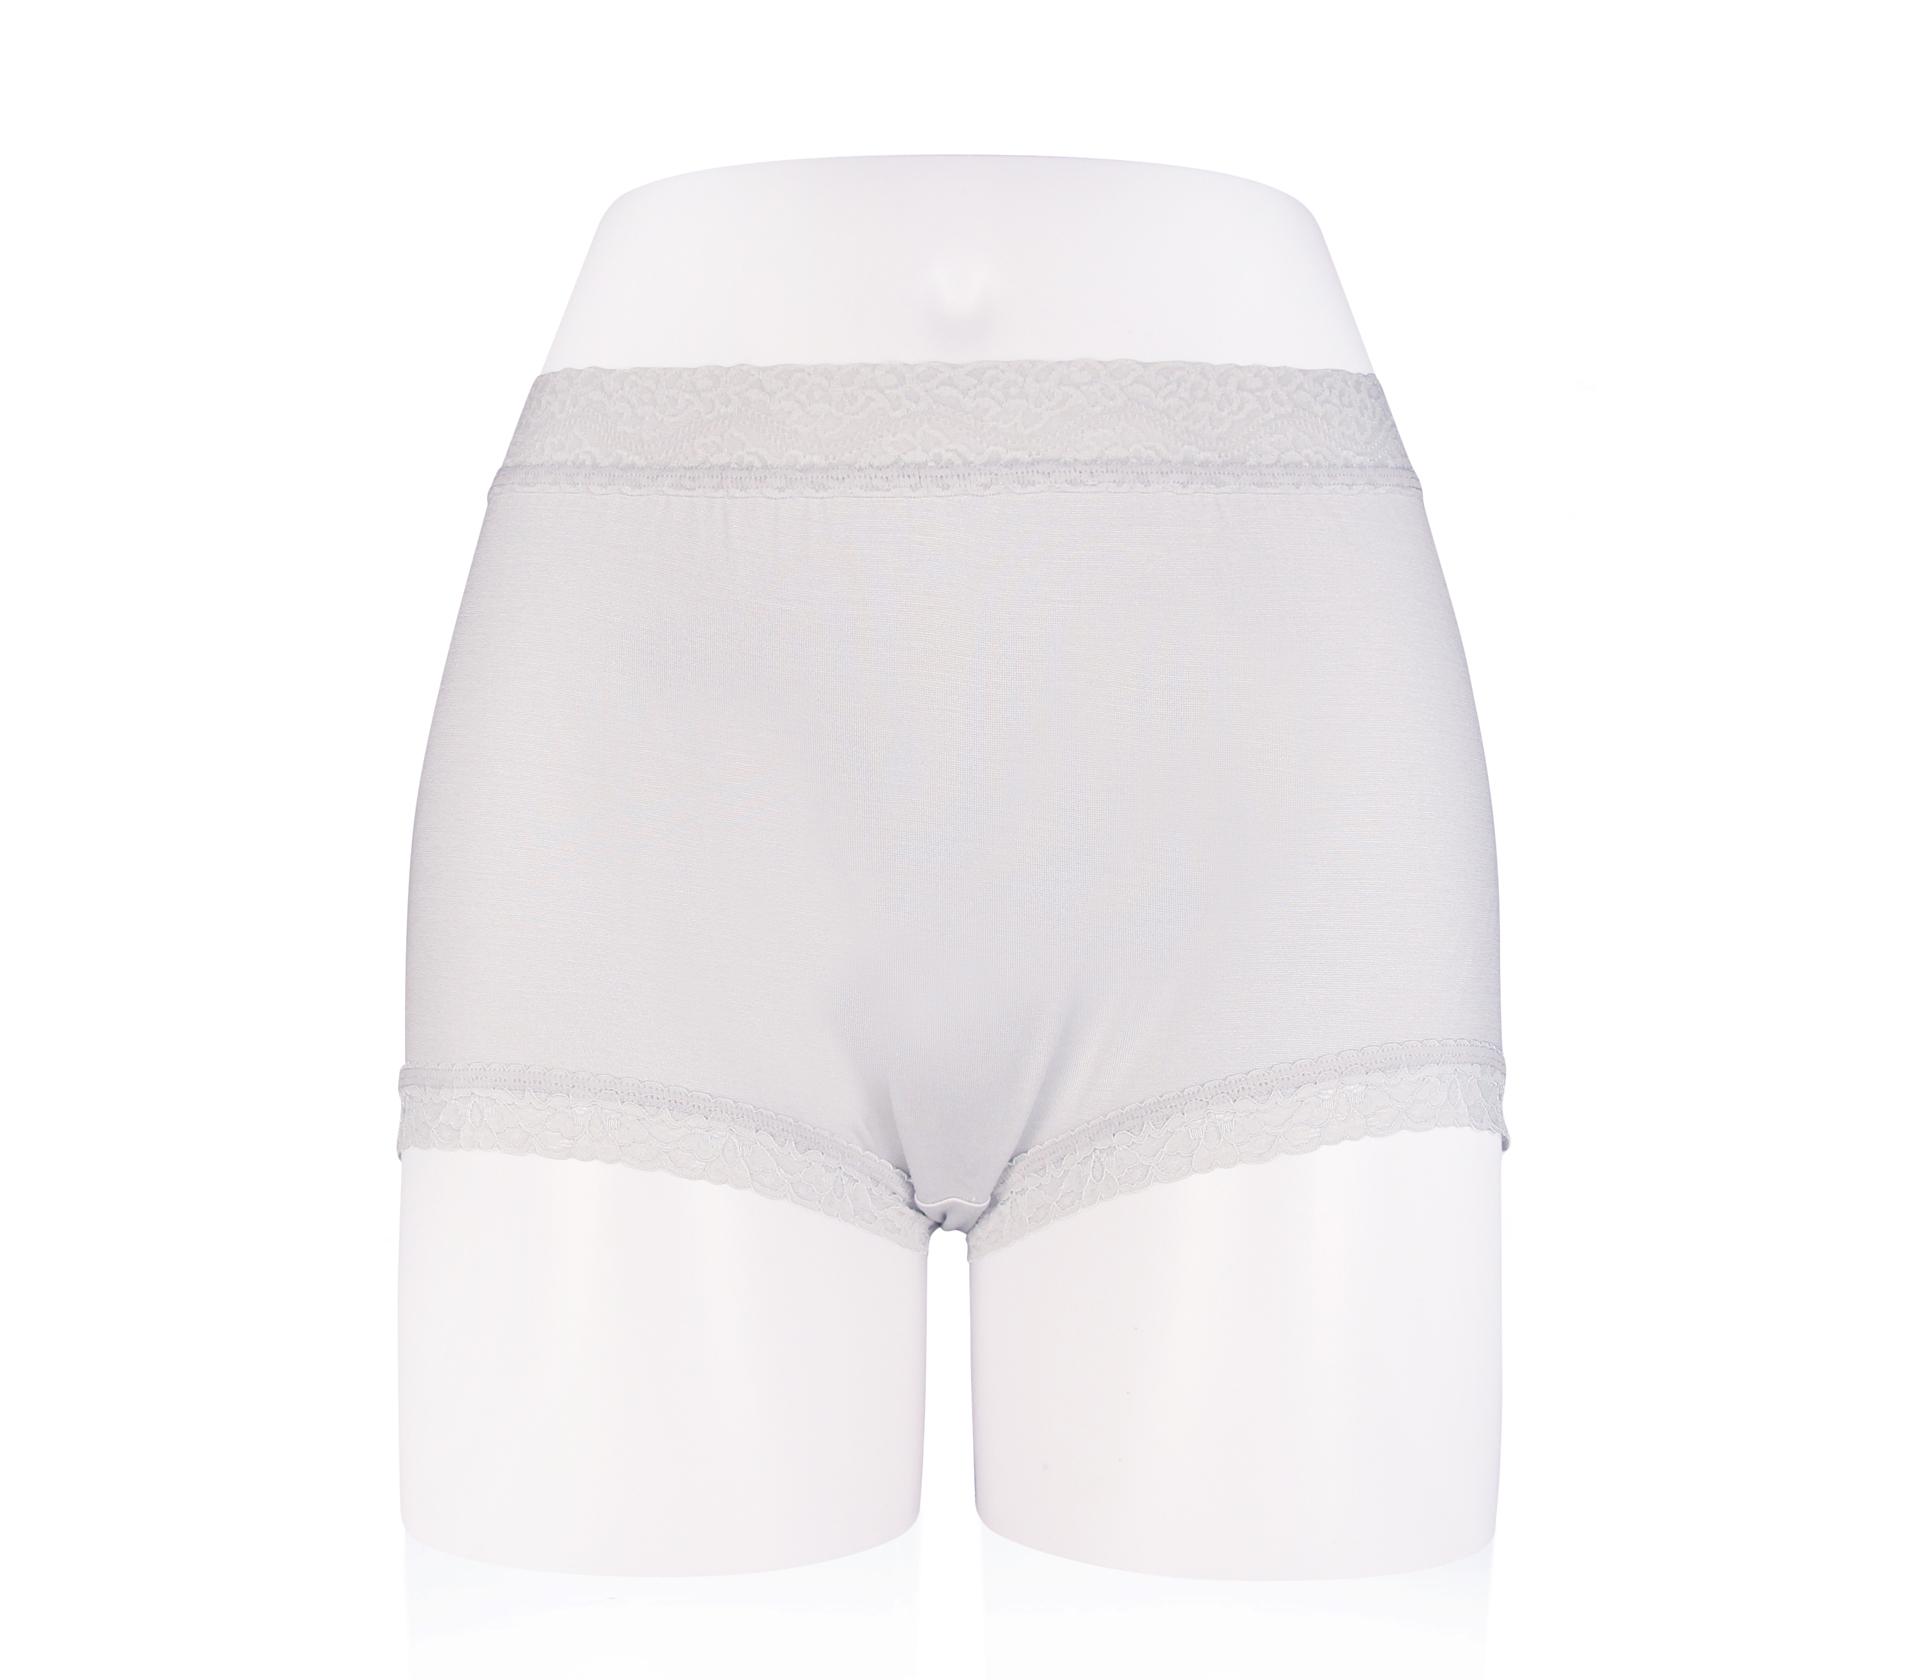 闕蘭絹中腰粉嫩親膚100%蠶絲平口褲 - 88118 (灰色)